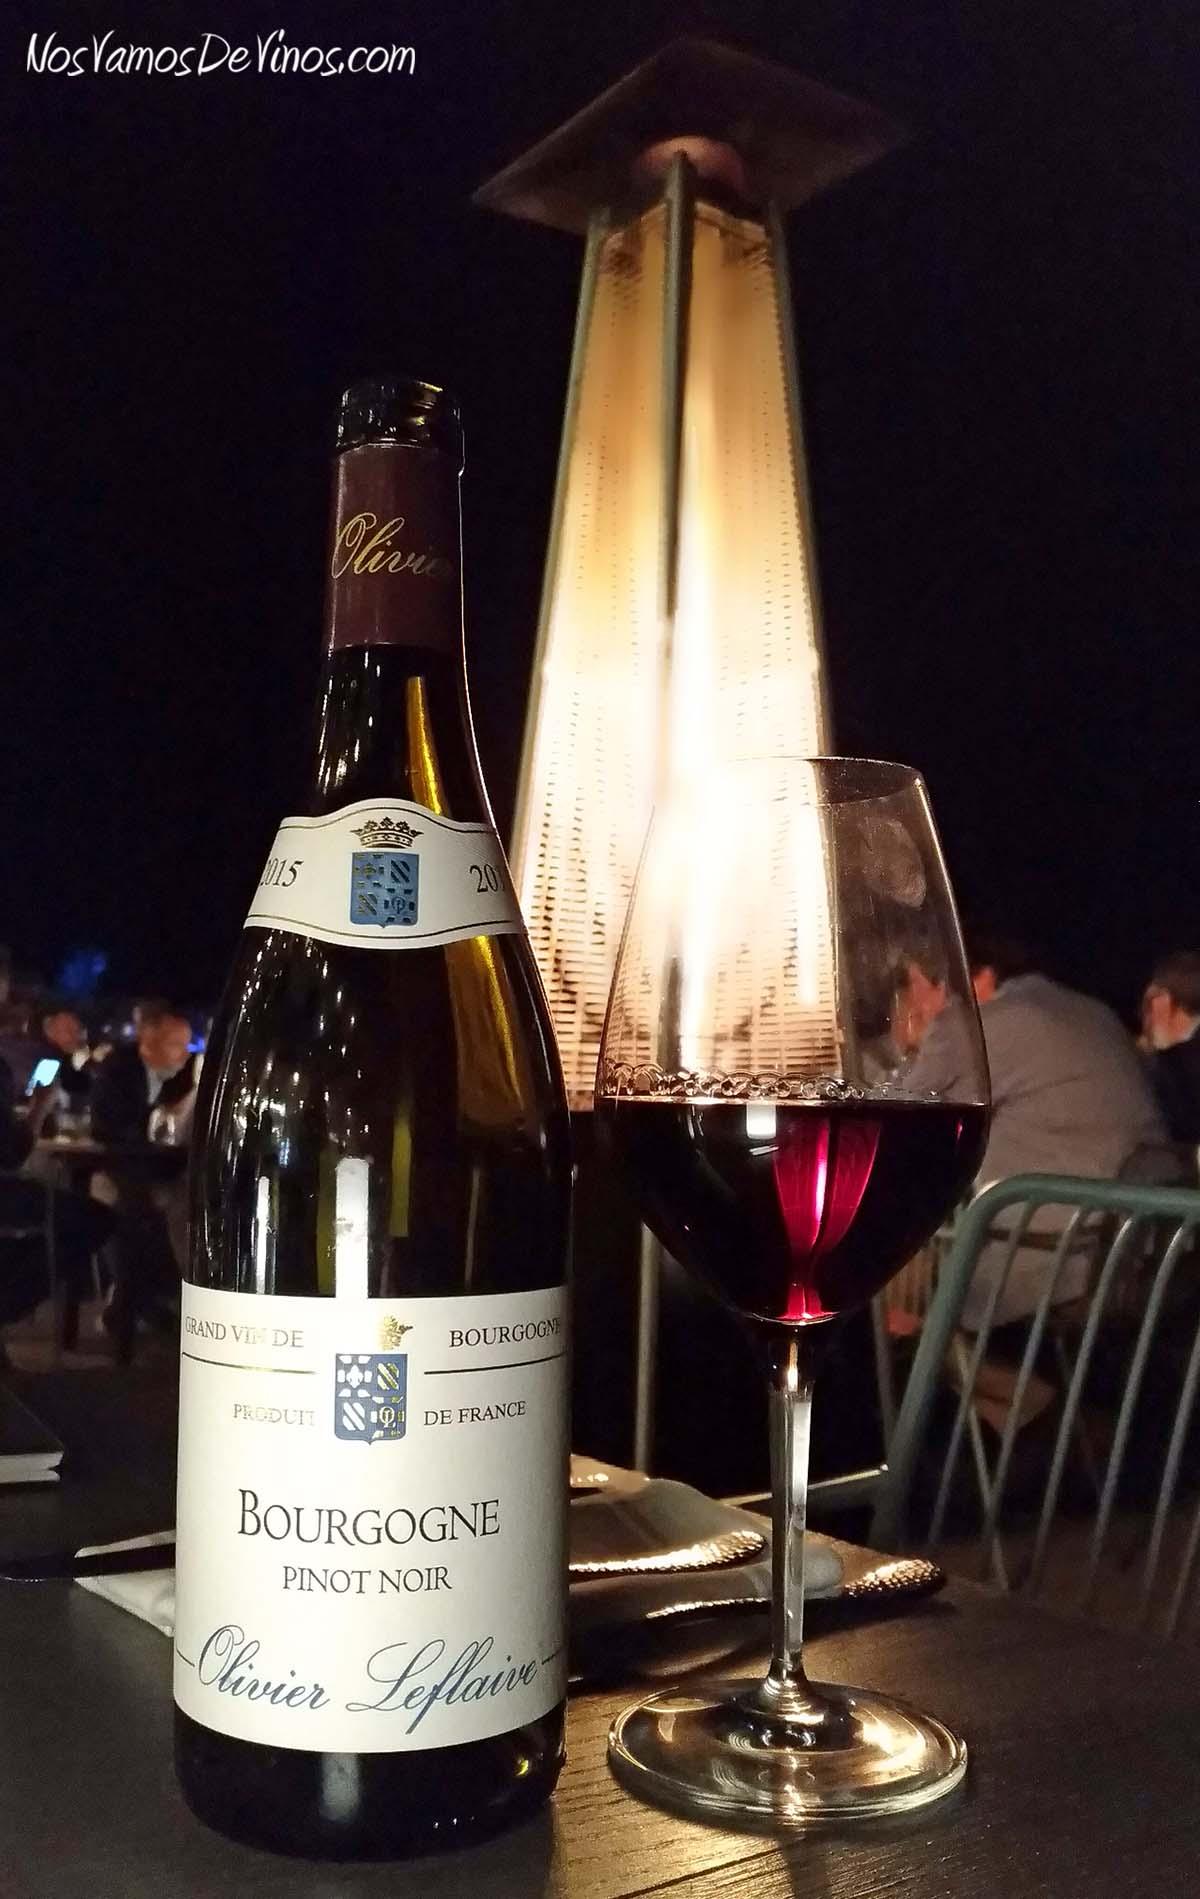 Olivier Leflaive Bourgogne Pinot Noir 2015